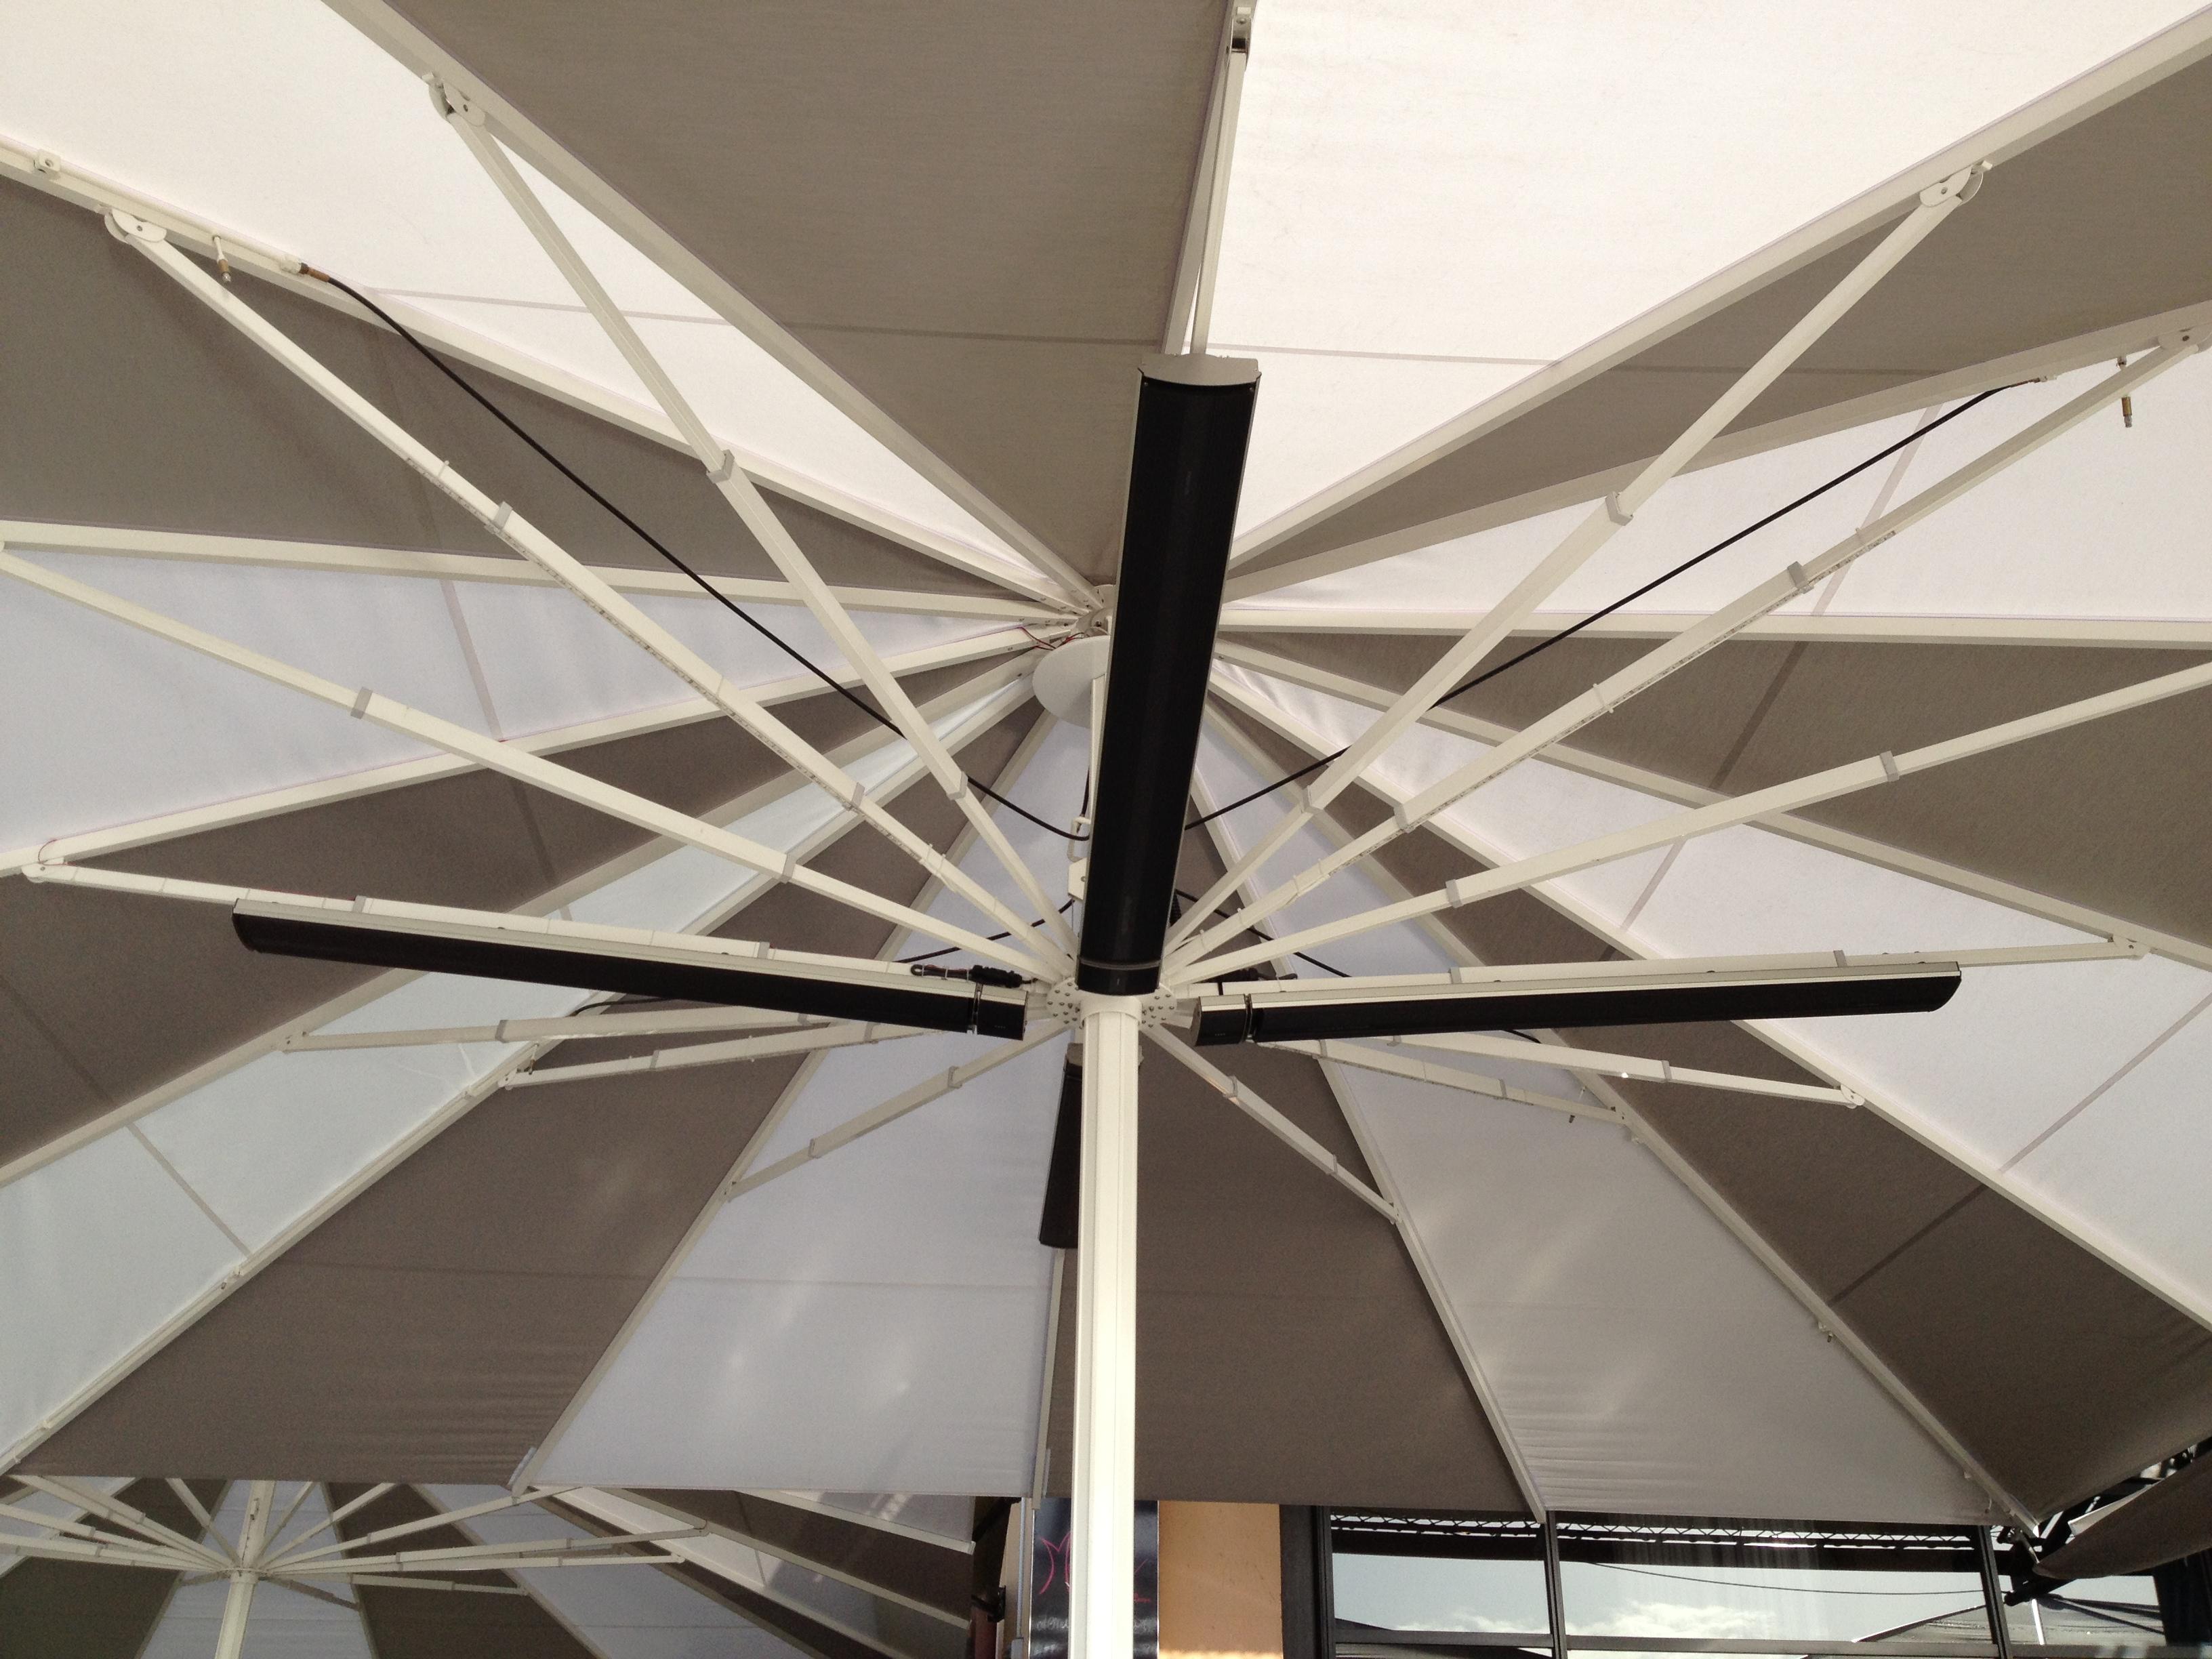 parasolheatstrip_bordeau Unique De Chauffage Terrasse Professionnel Schème